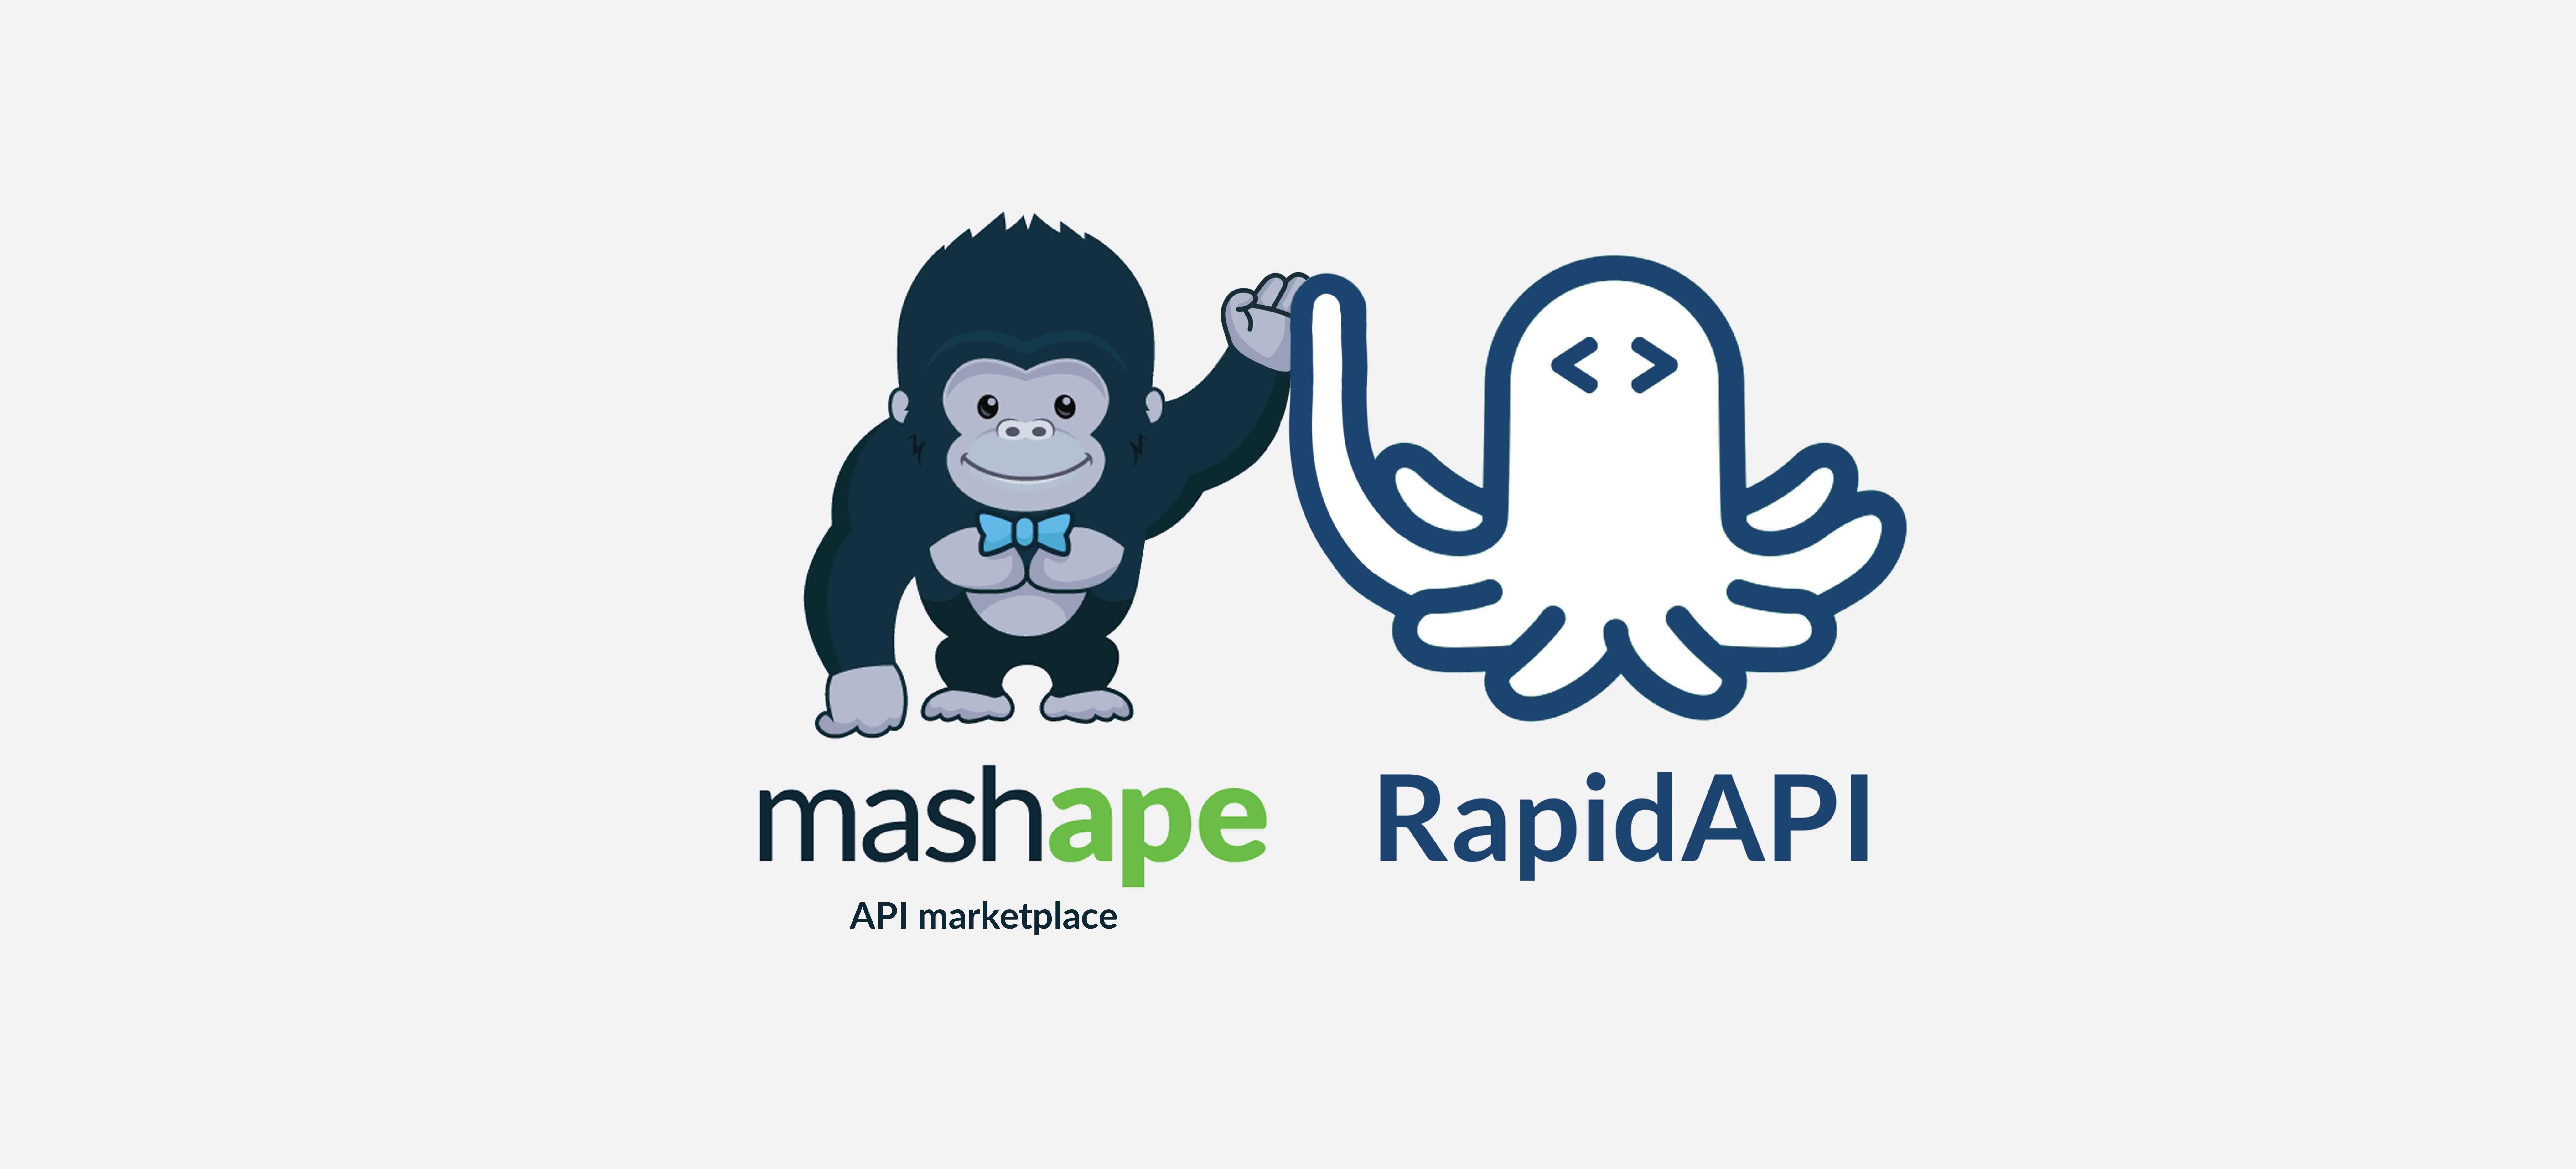 Mashape API RapidAPI